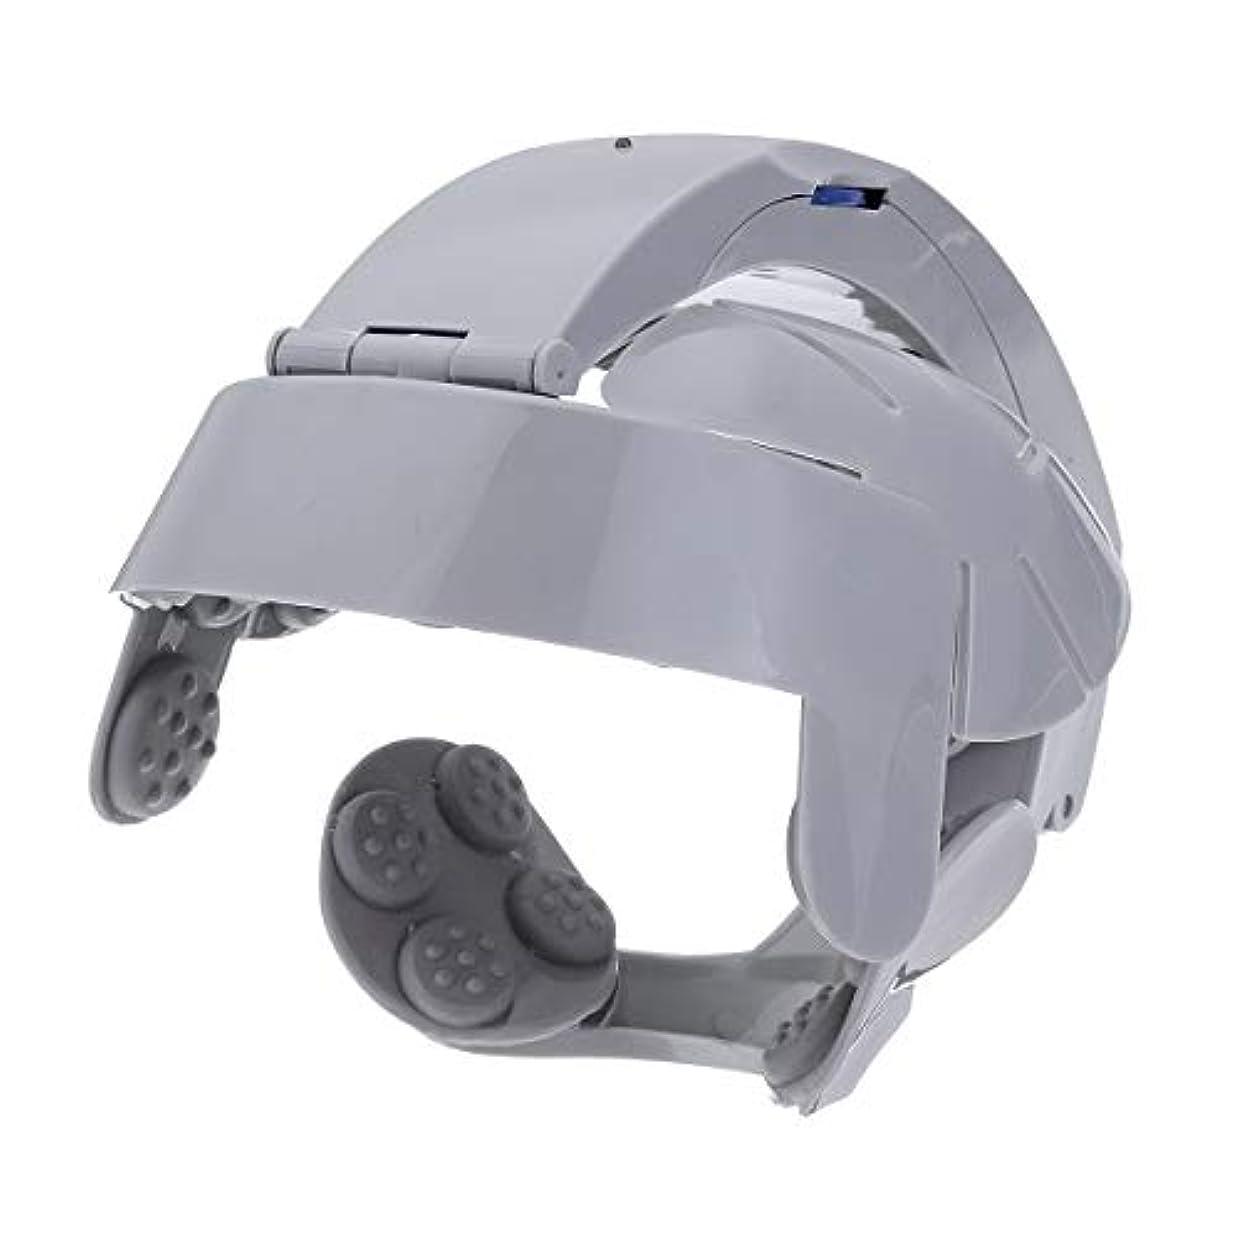 静けさ妨げる泣き叫ぶヘッド振動マッサージ電動ヘッドマッサージリラックス脳経穴ストレス解放マシンポータブルのためのホーム使用